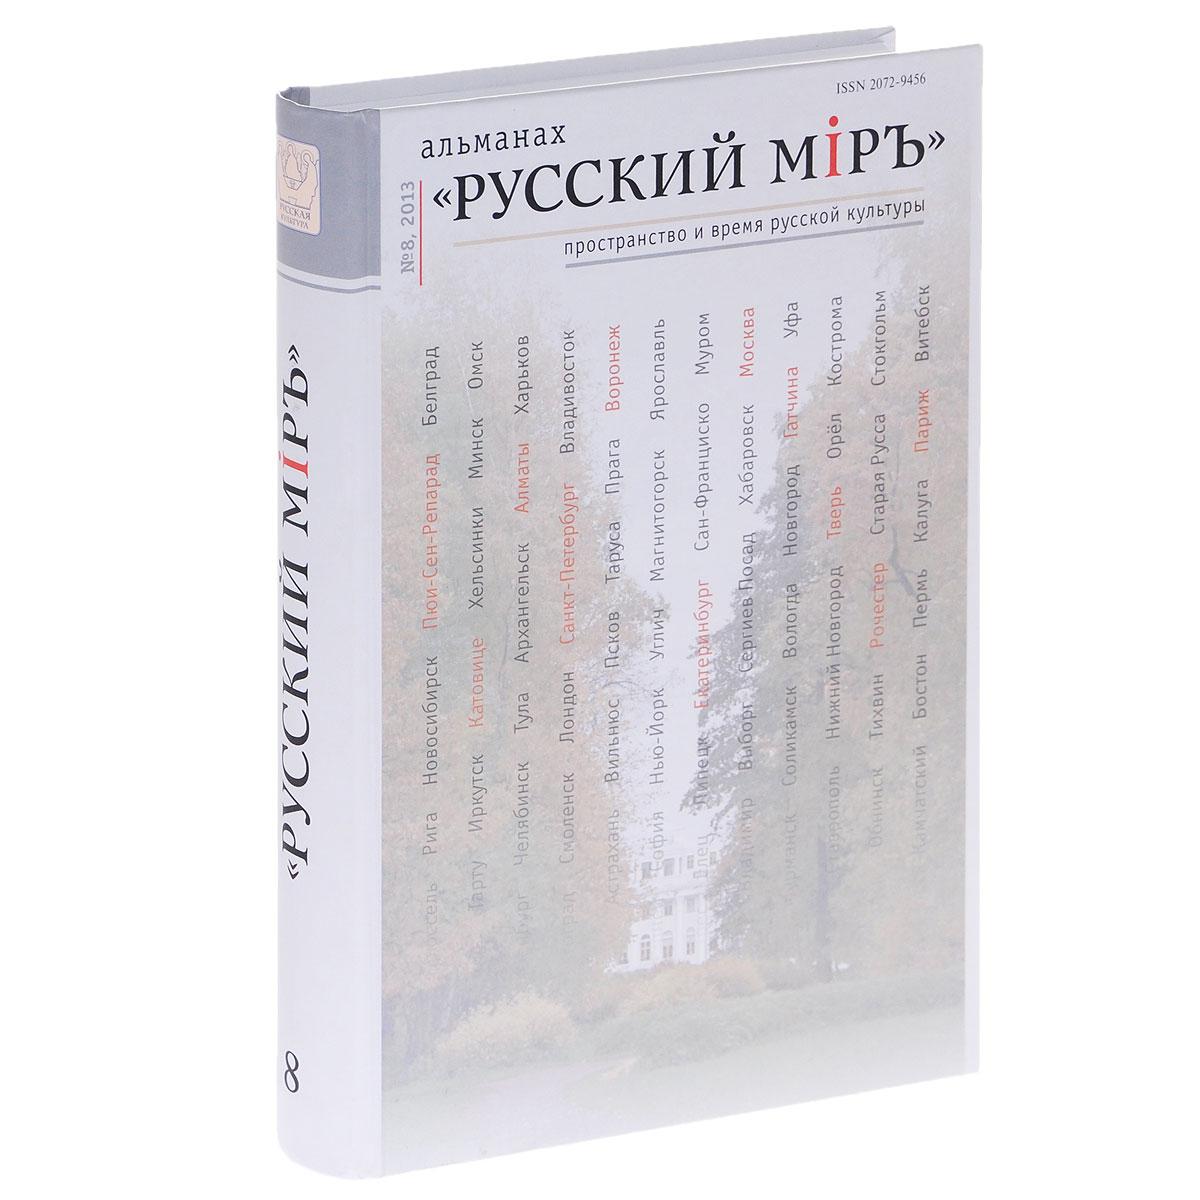 Русский мiръ. Пространство и время русской культуры. Альманах, №8, 2013 (+ DVD-ROM)